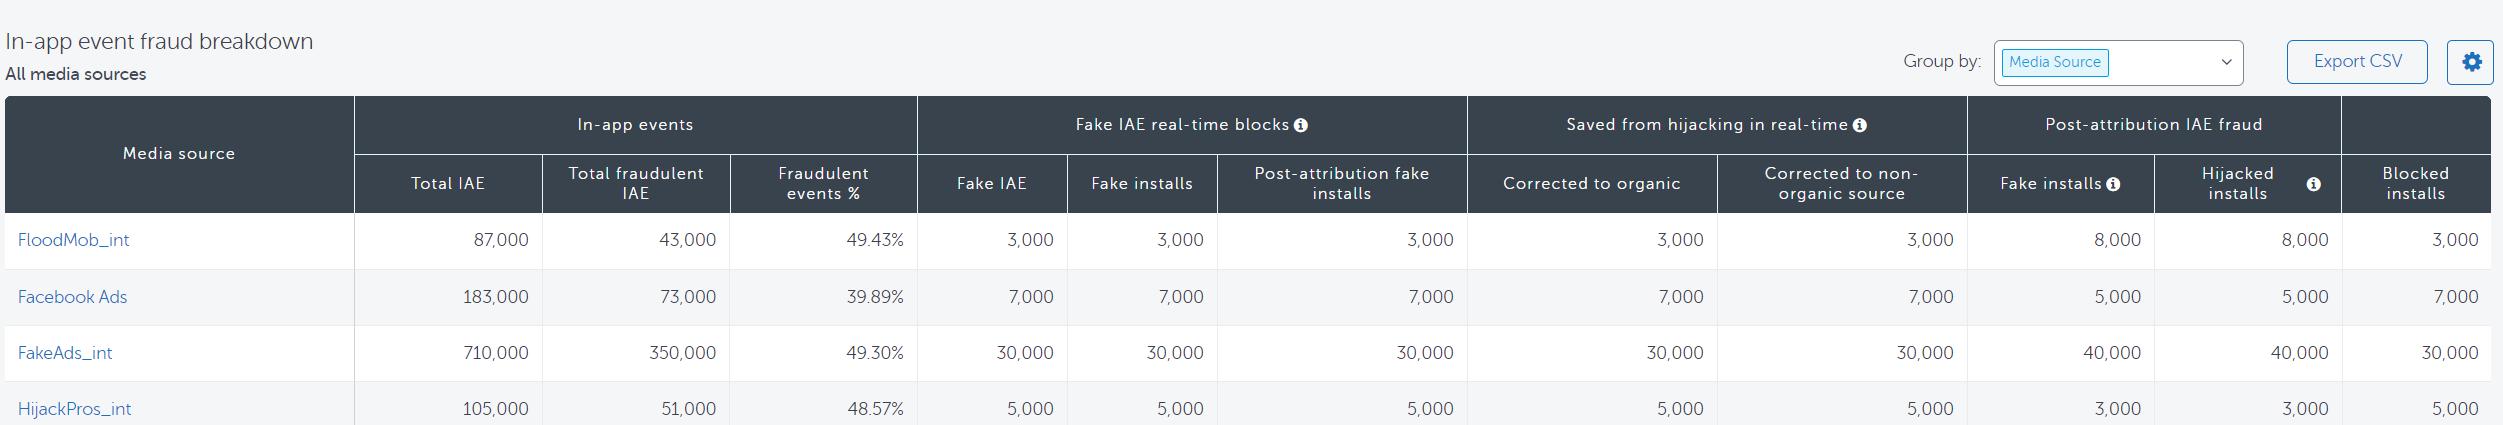 In-app event fraud breakdown